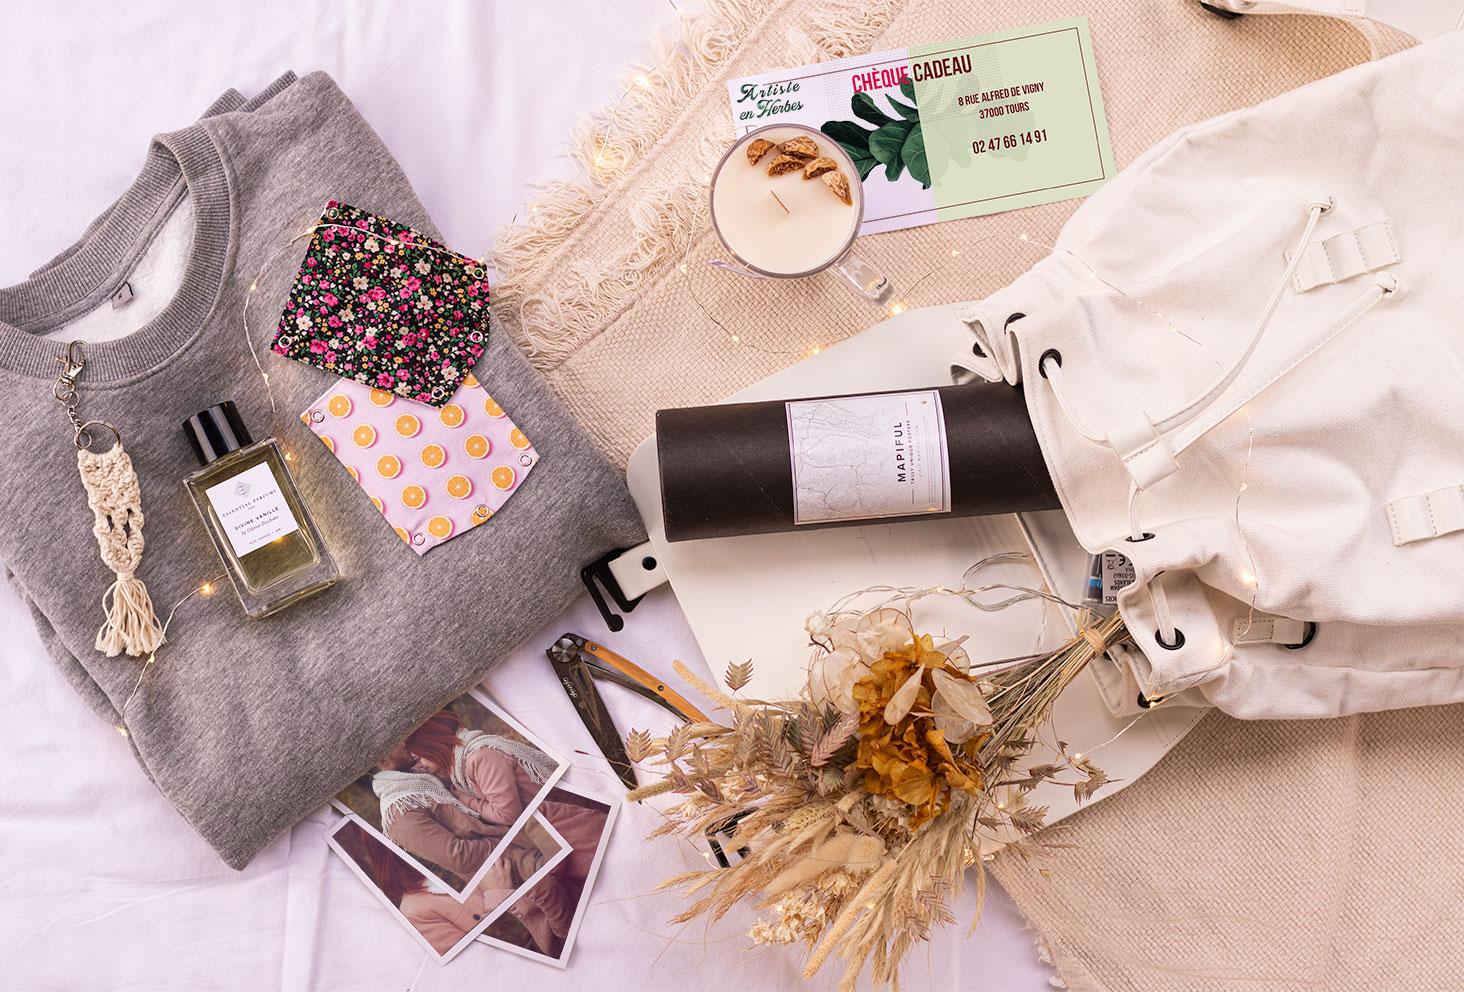 100 idées de cadeaux, dont 10 idées originales pour n'importe quelle occasion, poses sur un plaid et un drap blanc